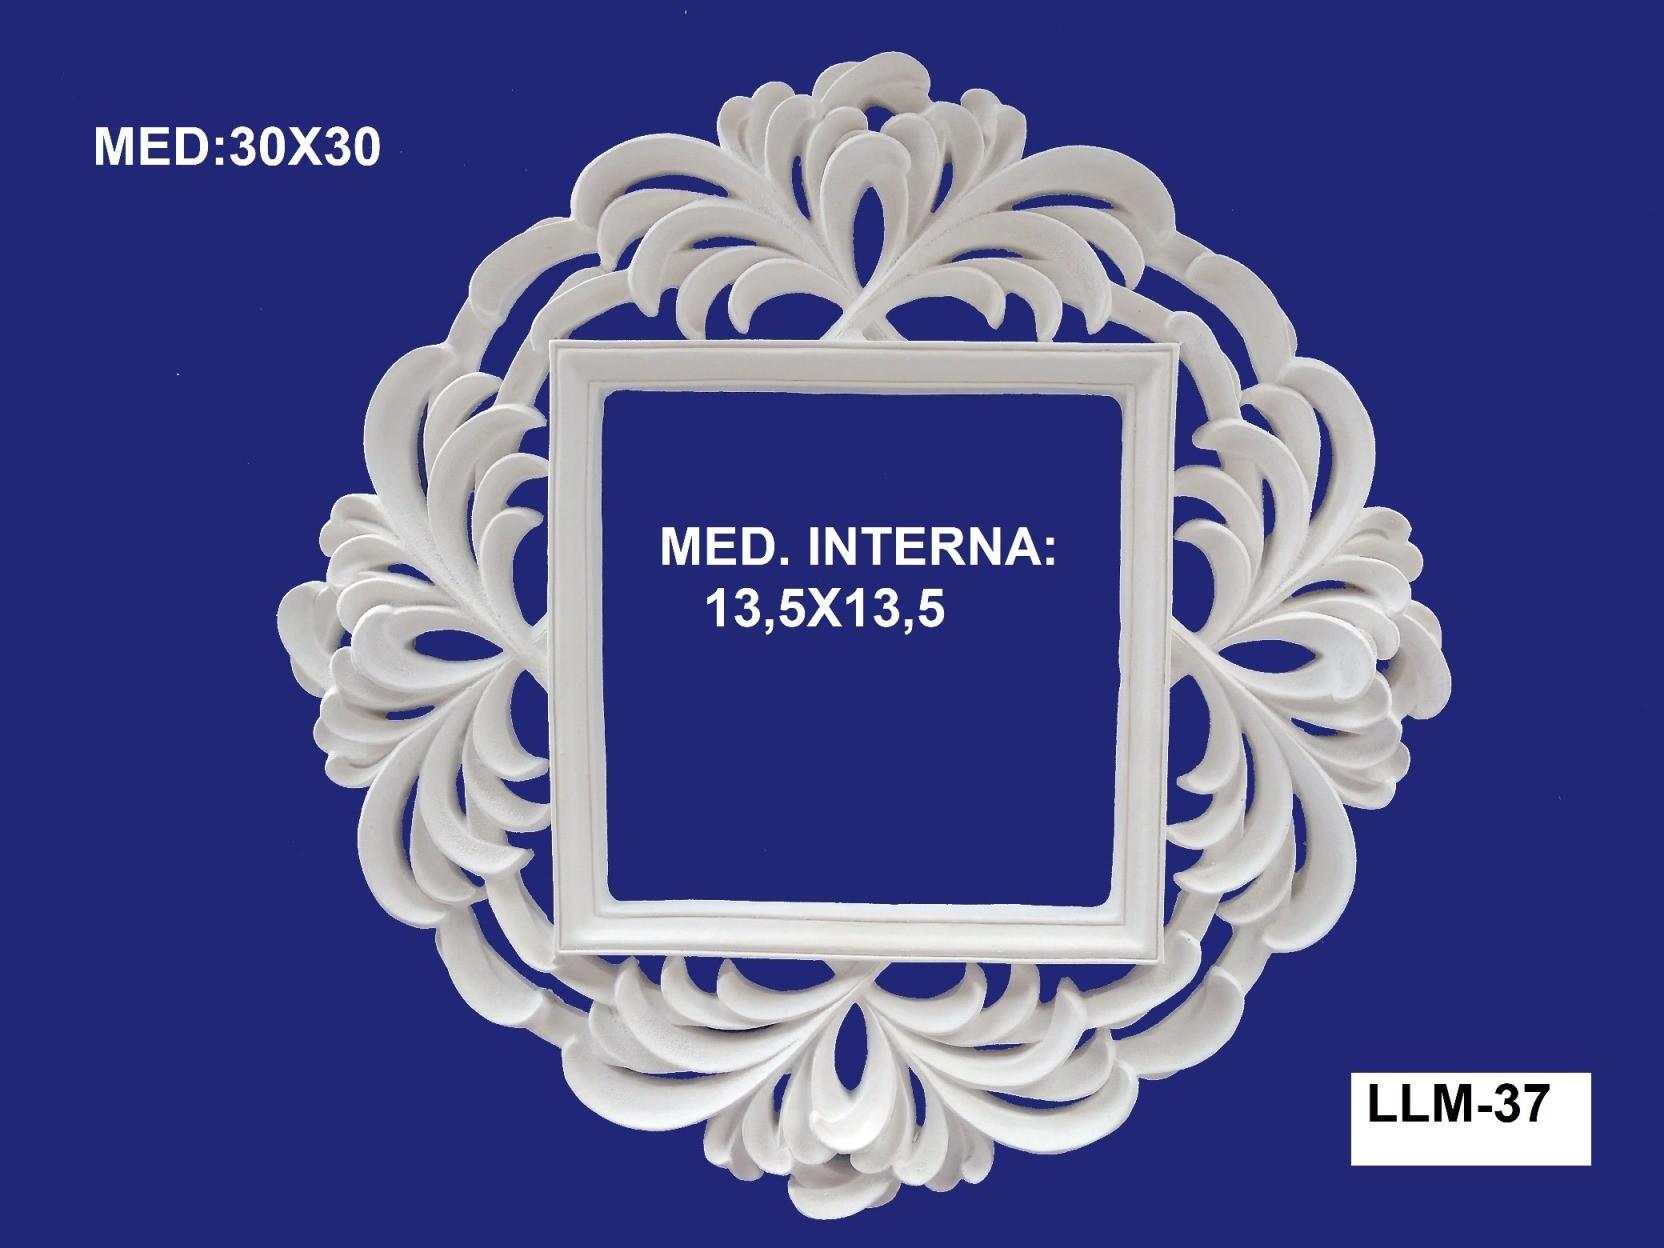 LLM-37 MOLDURA 30 X 30 INT: 13,5 X 13,5CM